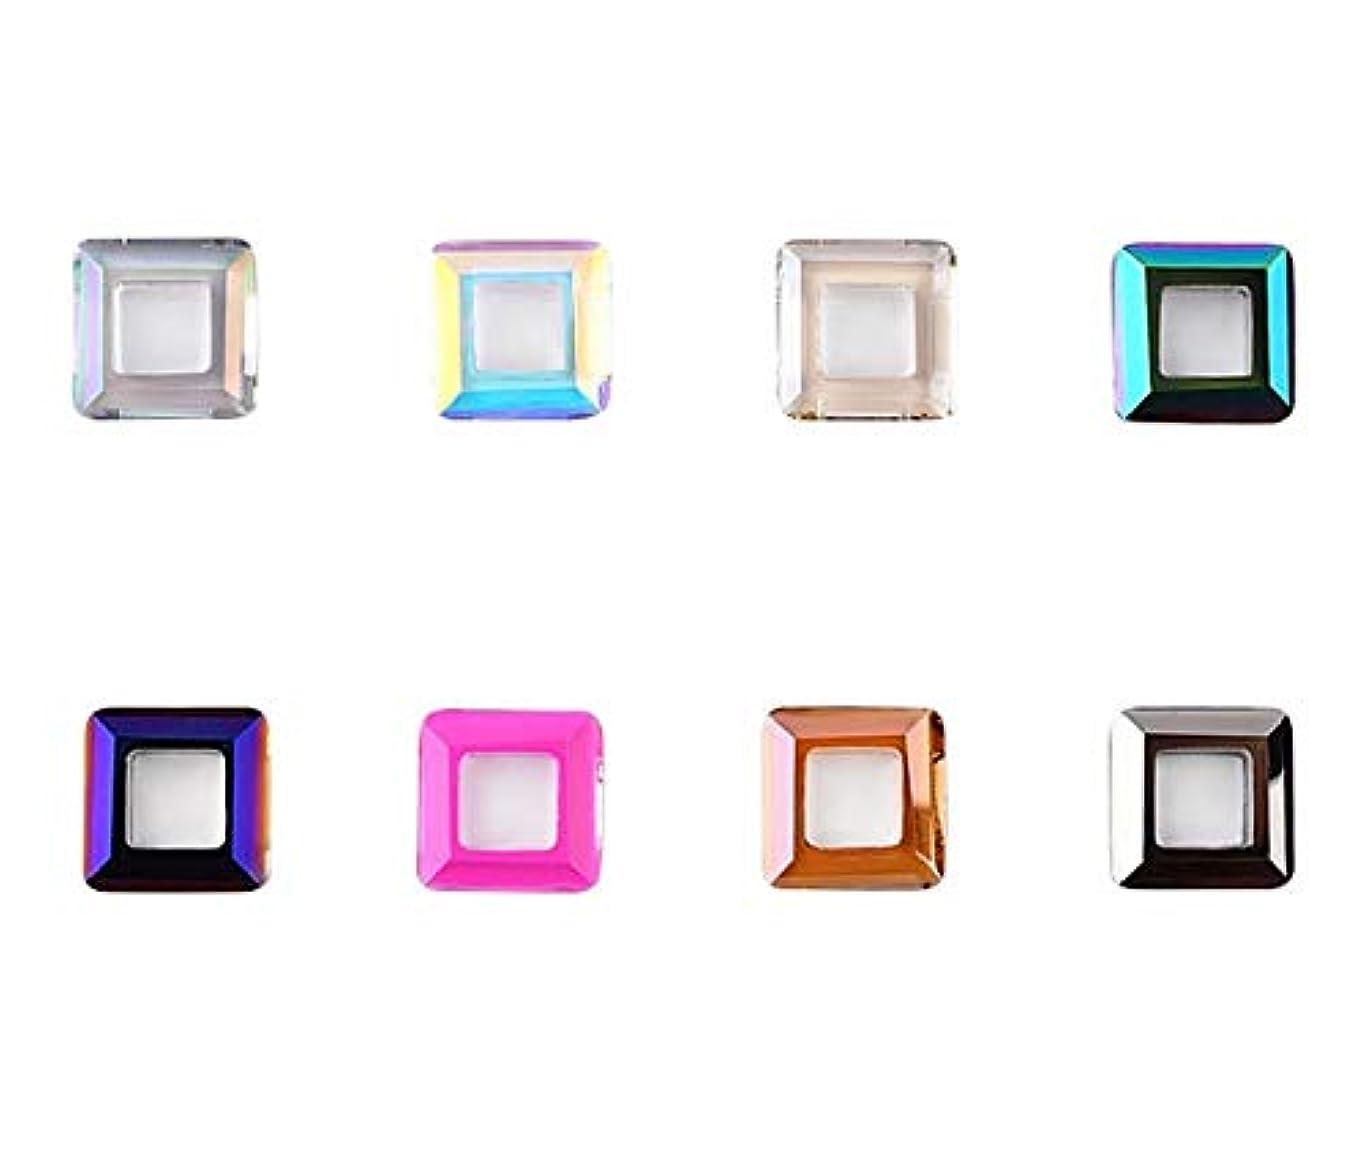 恩恵未使用年金受給者Tianmey ネイルアートクラフト用ガラスクリスタルラインストーン、クリスタル3Dデコレーションフラットバック?ストーンズ宝石広場